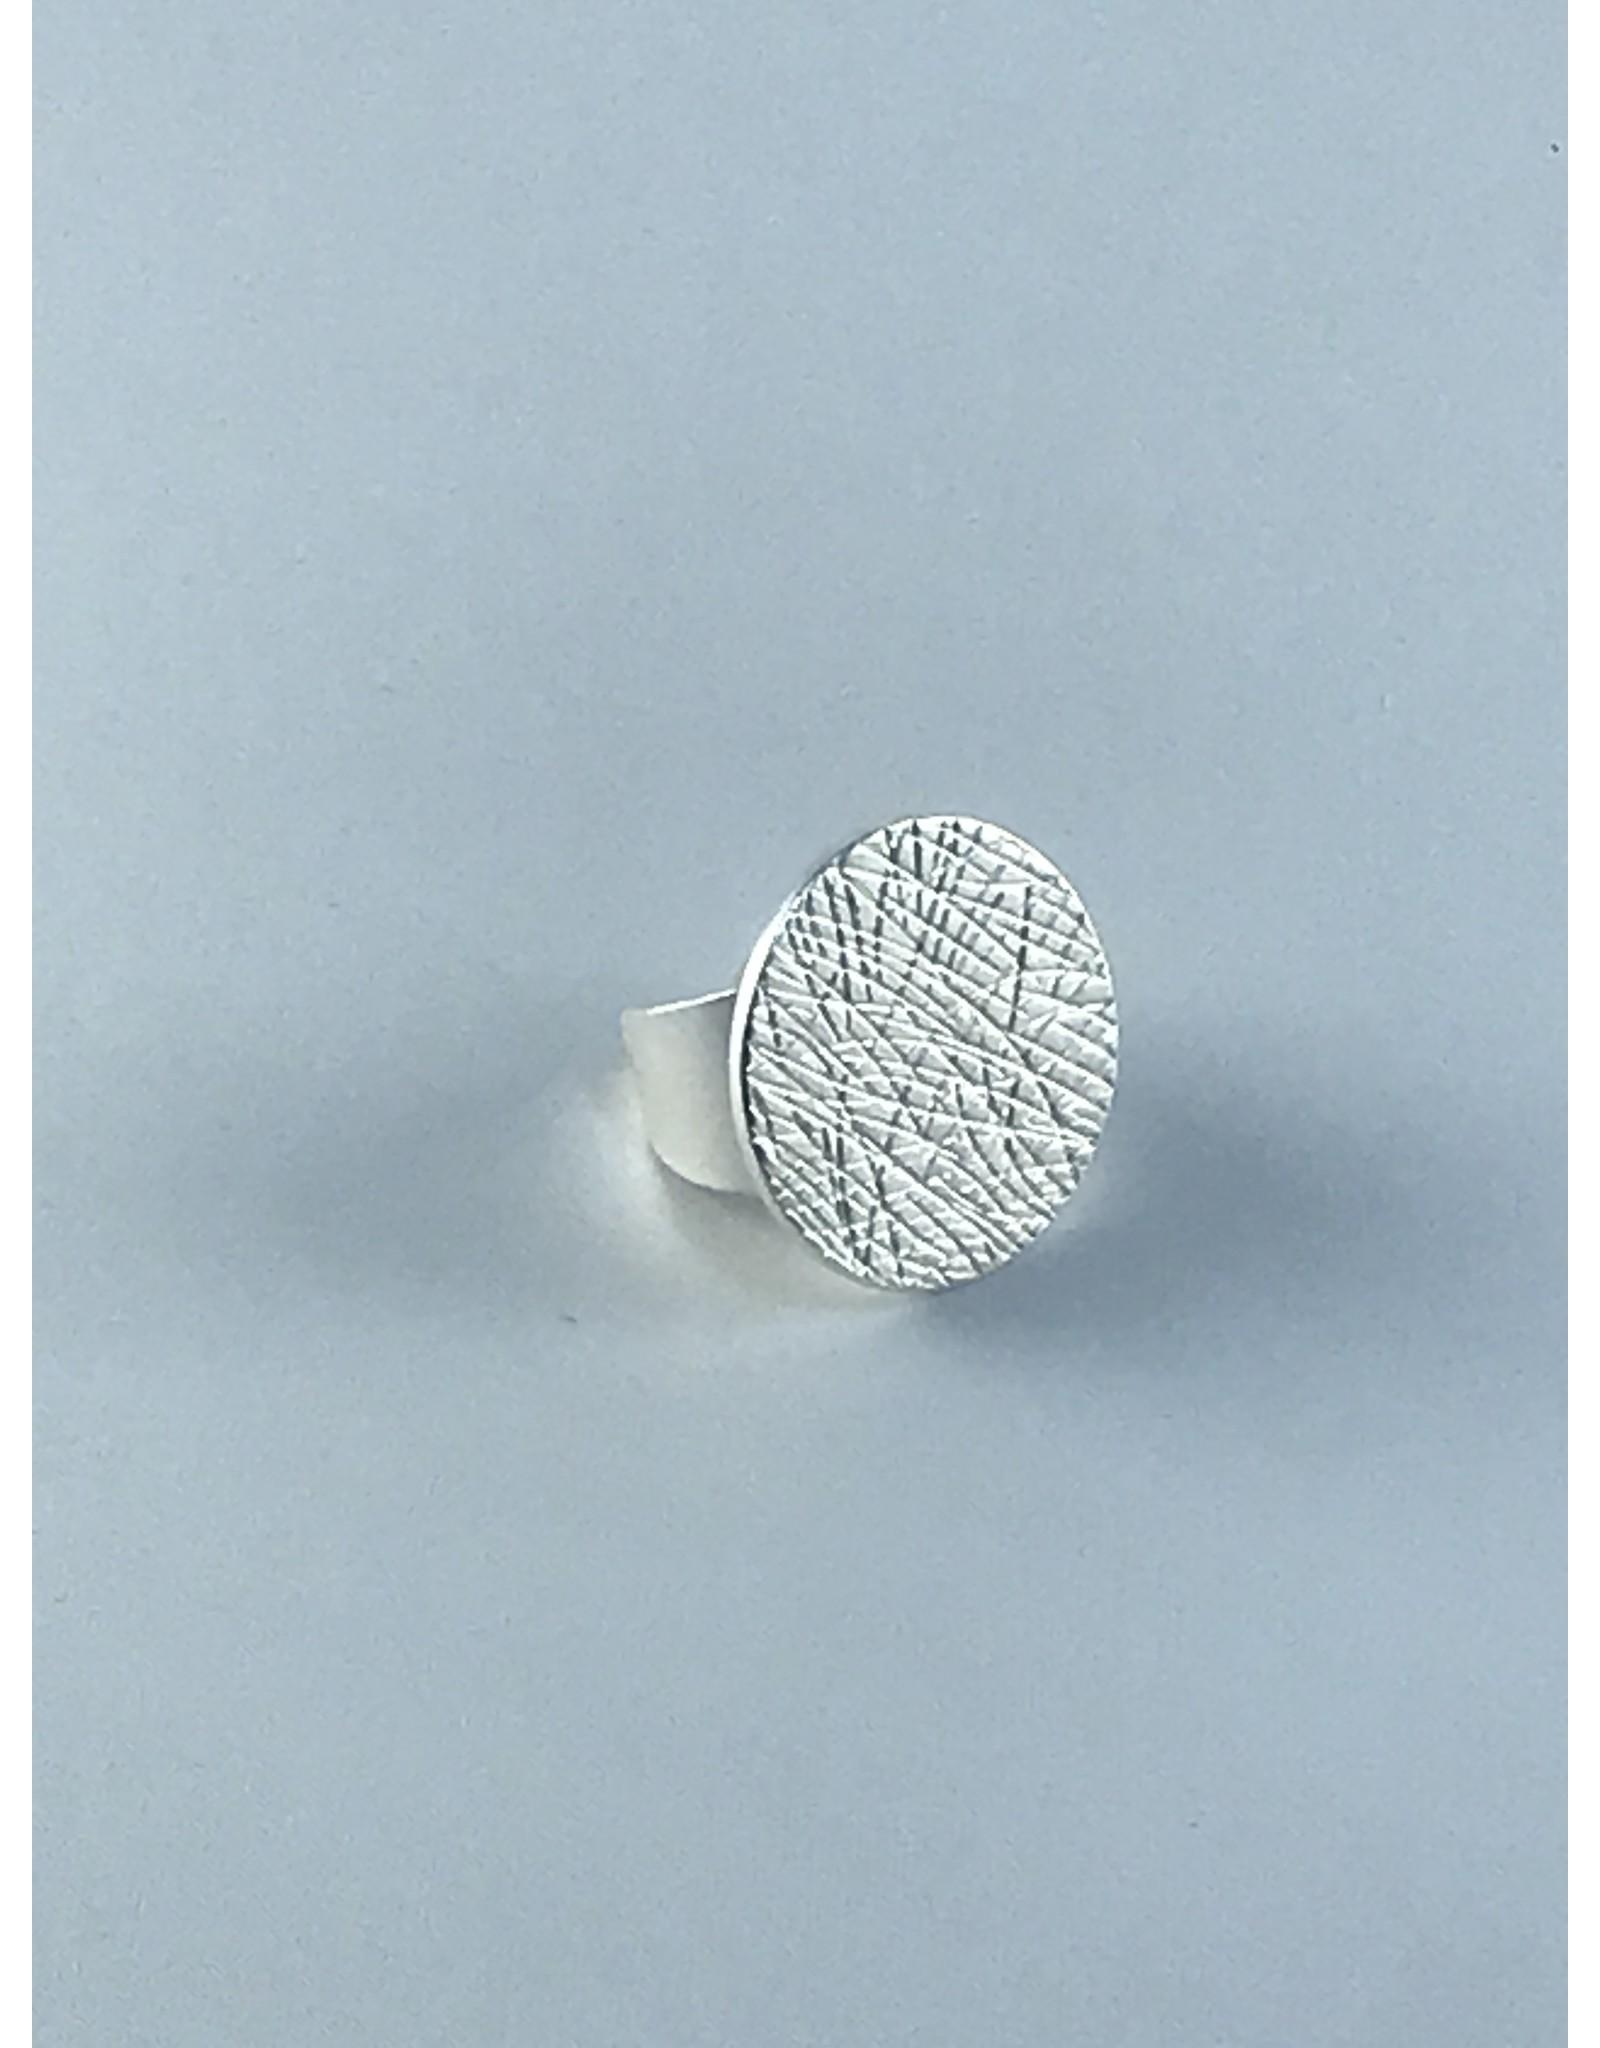 Axxes-Soir Ring - 1 maat - verstelbaar- zilverkleurig - mat - gekarteld